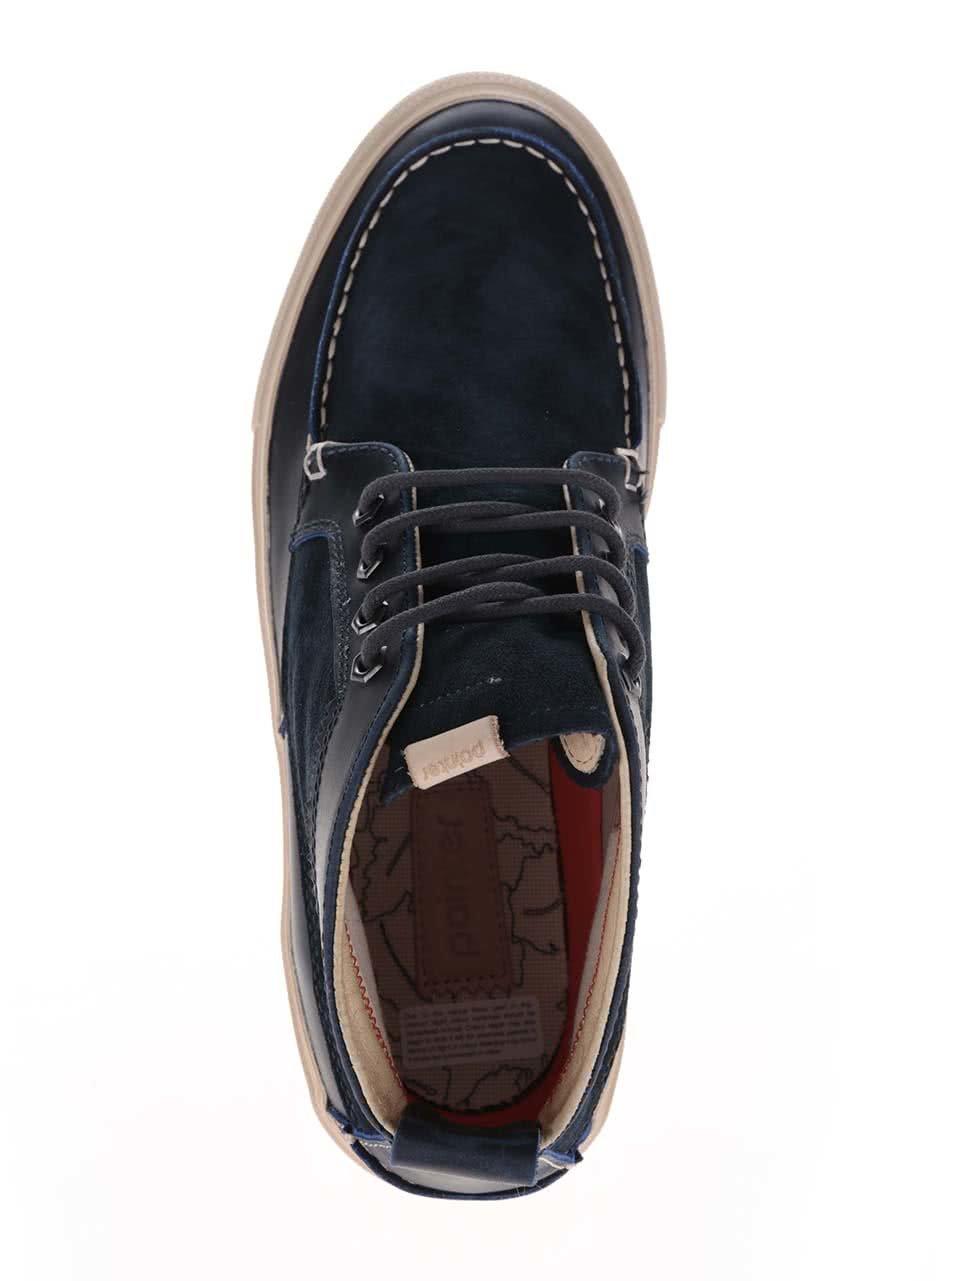 Tmavě modré pánské semišové kotníkové boty Pointer Roger ... e22dd5a8217